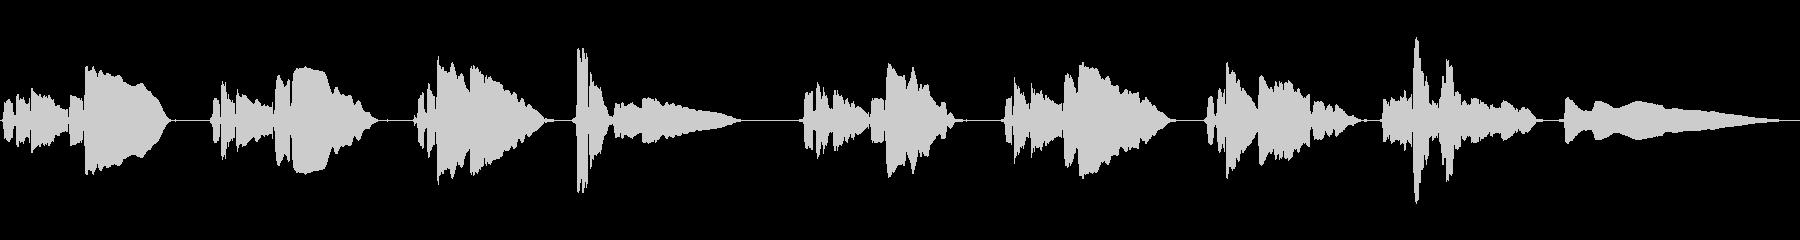 サックス1本の曲です。の未再生の波形